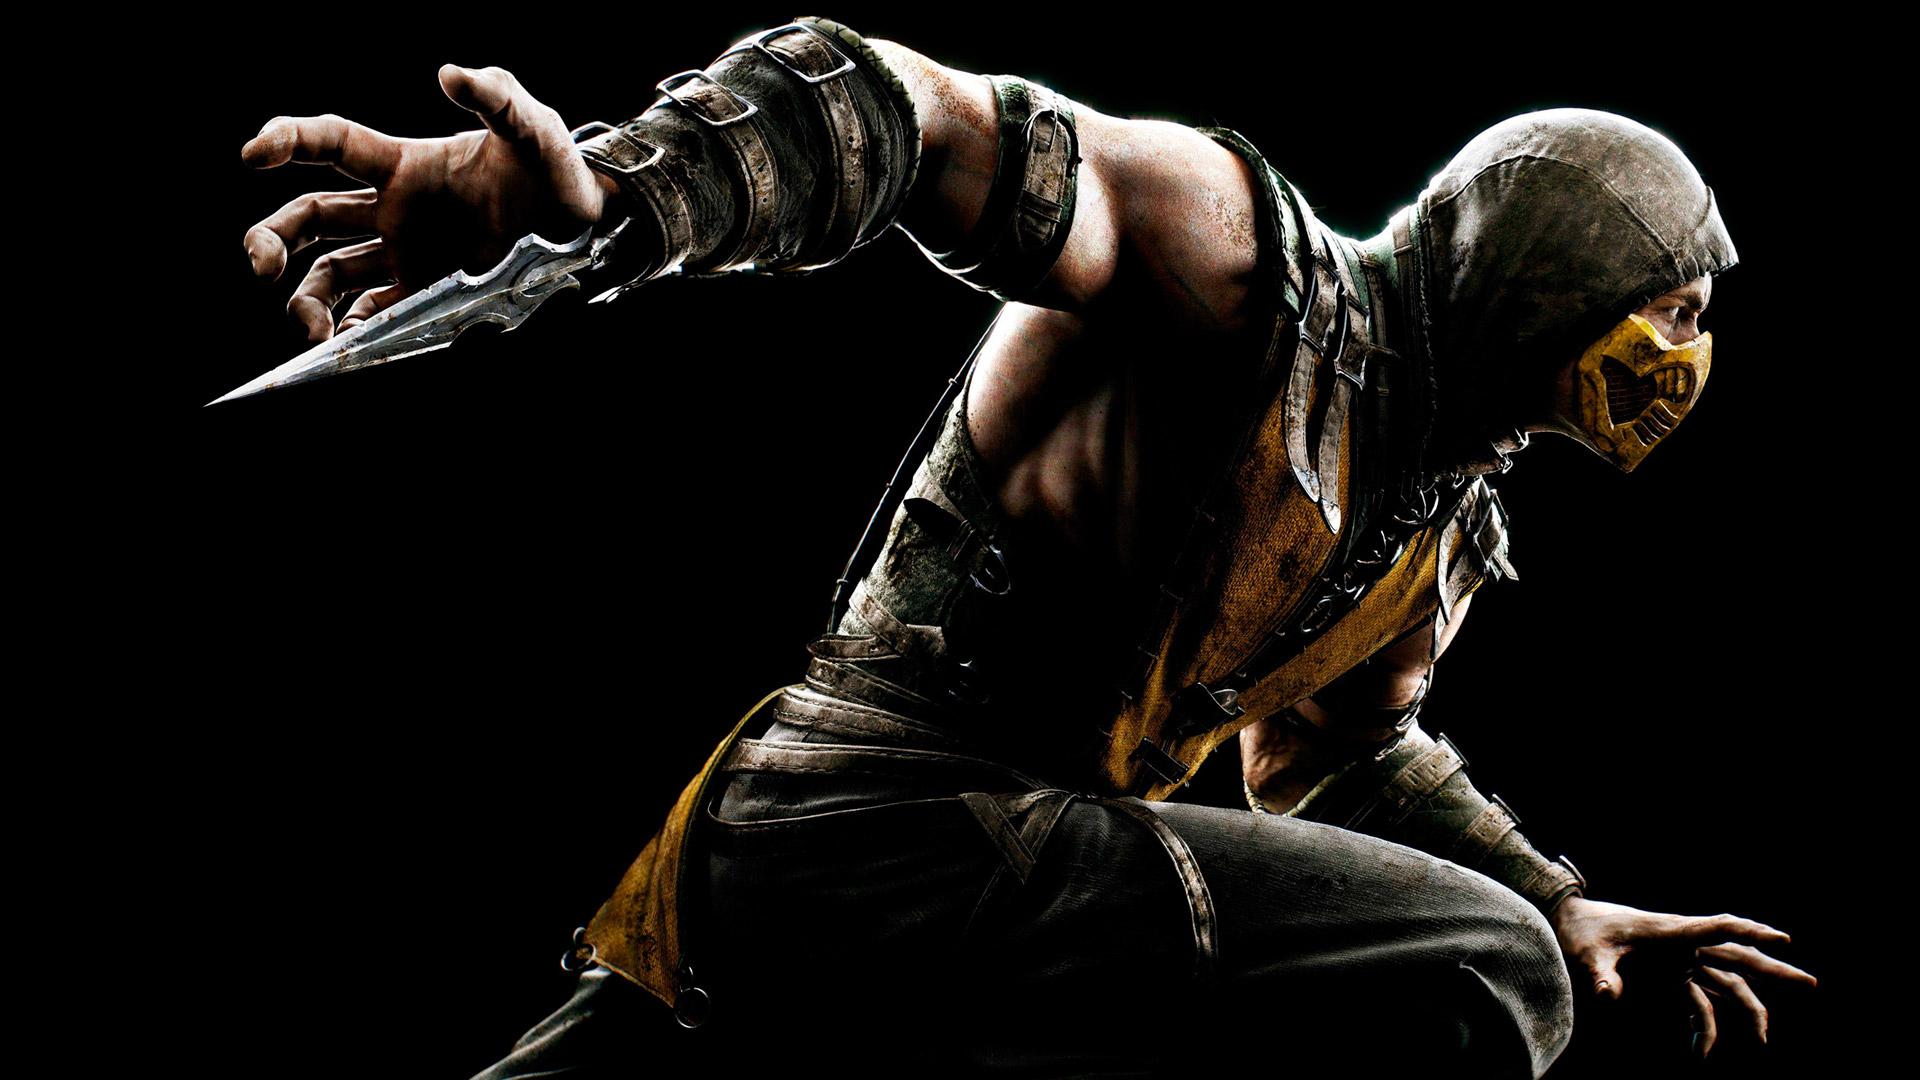 Scorpion Mortal Kombat X HD Wallpaper 1920x1080